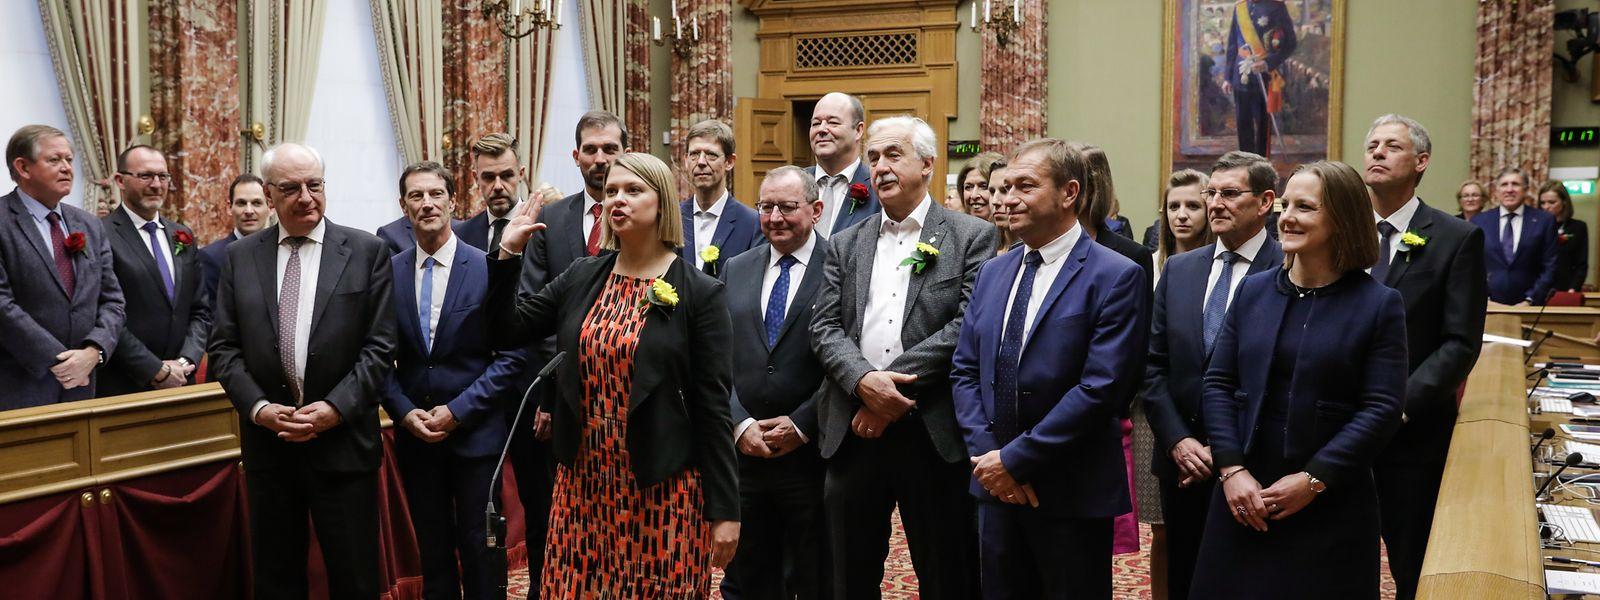 17 neue Abgeordnete wurden vereidigt. Unter ihnen fünf frische Gesichter.